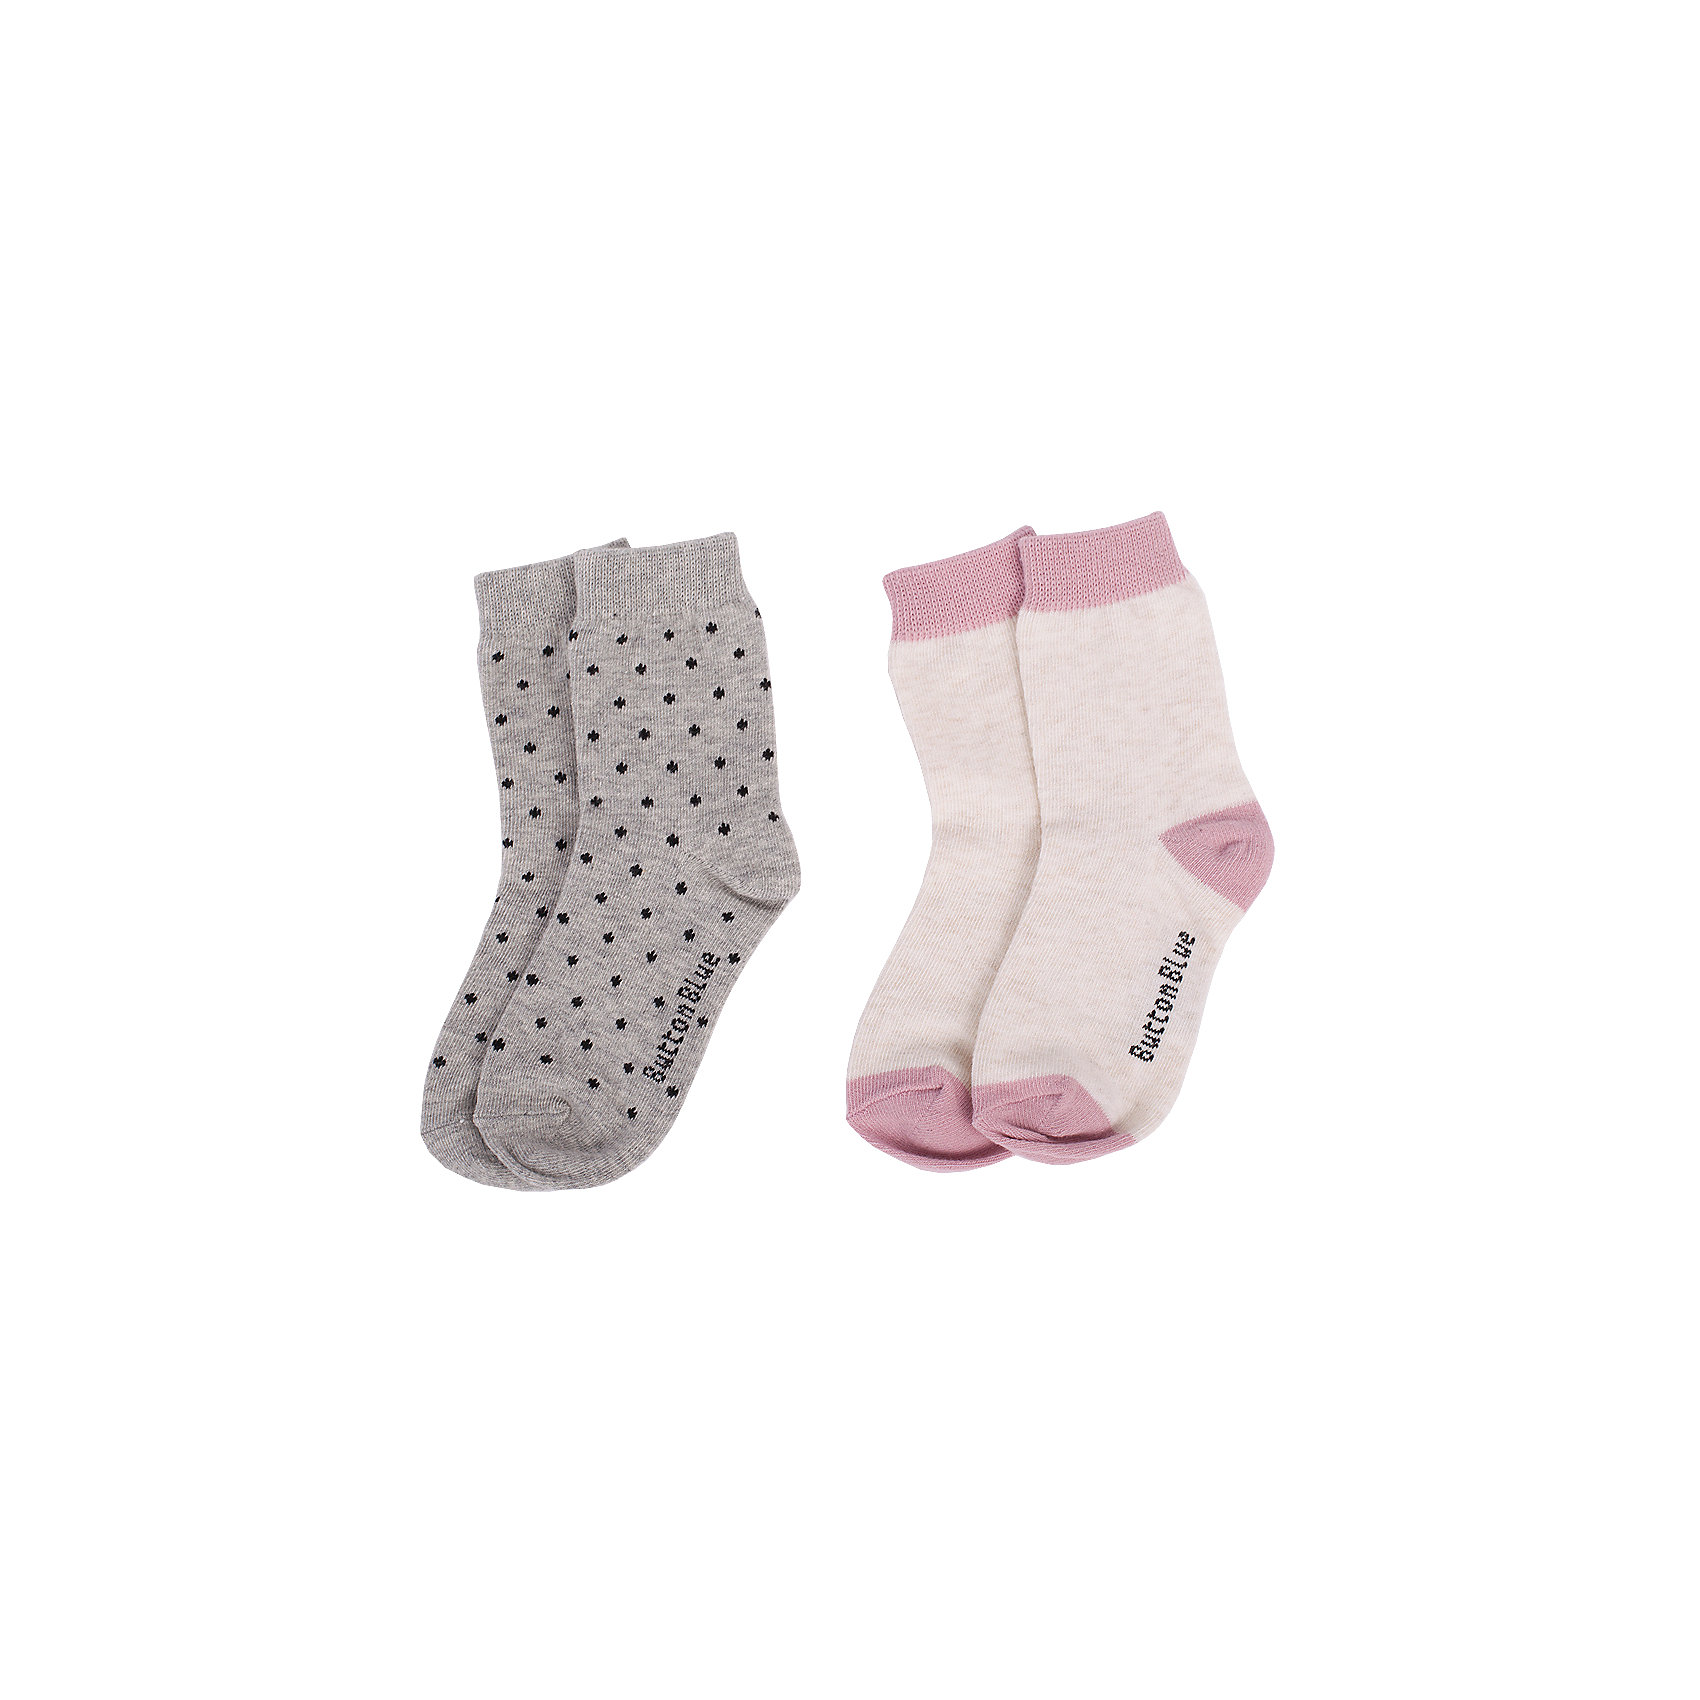 Носки BUTTON BLUE для девочкиНоски<br>Носки BUTTON BLUE для девочки<br>Детские носки - необходимая вещь на каждый день. И их в гардеробе ребенка должно быть немало. Если вы решили дополнить осенне-зимний гардероб ребенка хлопковыми носками, попробуйте купить комплект из двух пар. Вы думаете, что хорошие, качественные и недорогие детские носки - это невозможно? Носки от Button Blue убедят вас в обратном.<br>Состав:<br>80%хлопок 18%полиамид 2% эластан<br><br>Ширина мм: 87<br>Глубина мм: 10<br>Высота мм: 105<br>Вес г: 115<br>Цвет: серый<br>Возраст от месяцев: 15<br>Возраст до месяцев: 18<br>Пол: Женский<br>Возраст: Детский<br>Размер: 22,14,16,20<br>SKU: 7039332